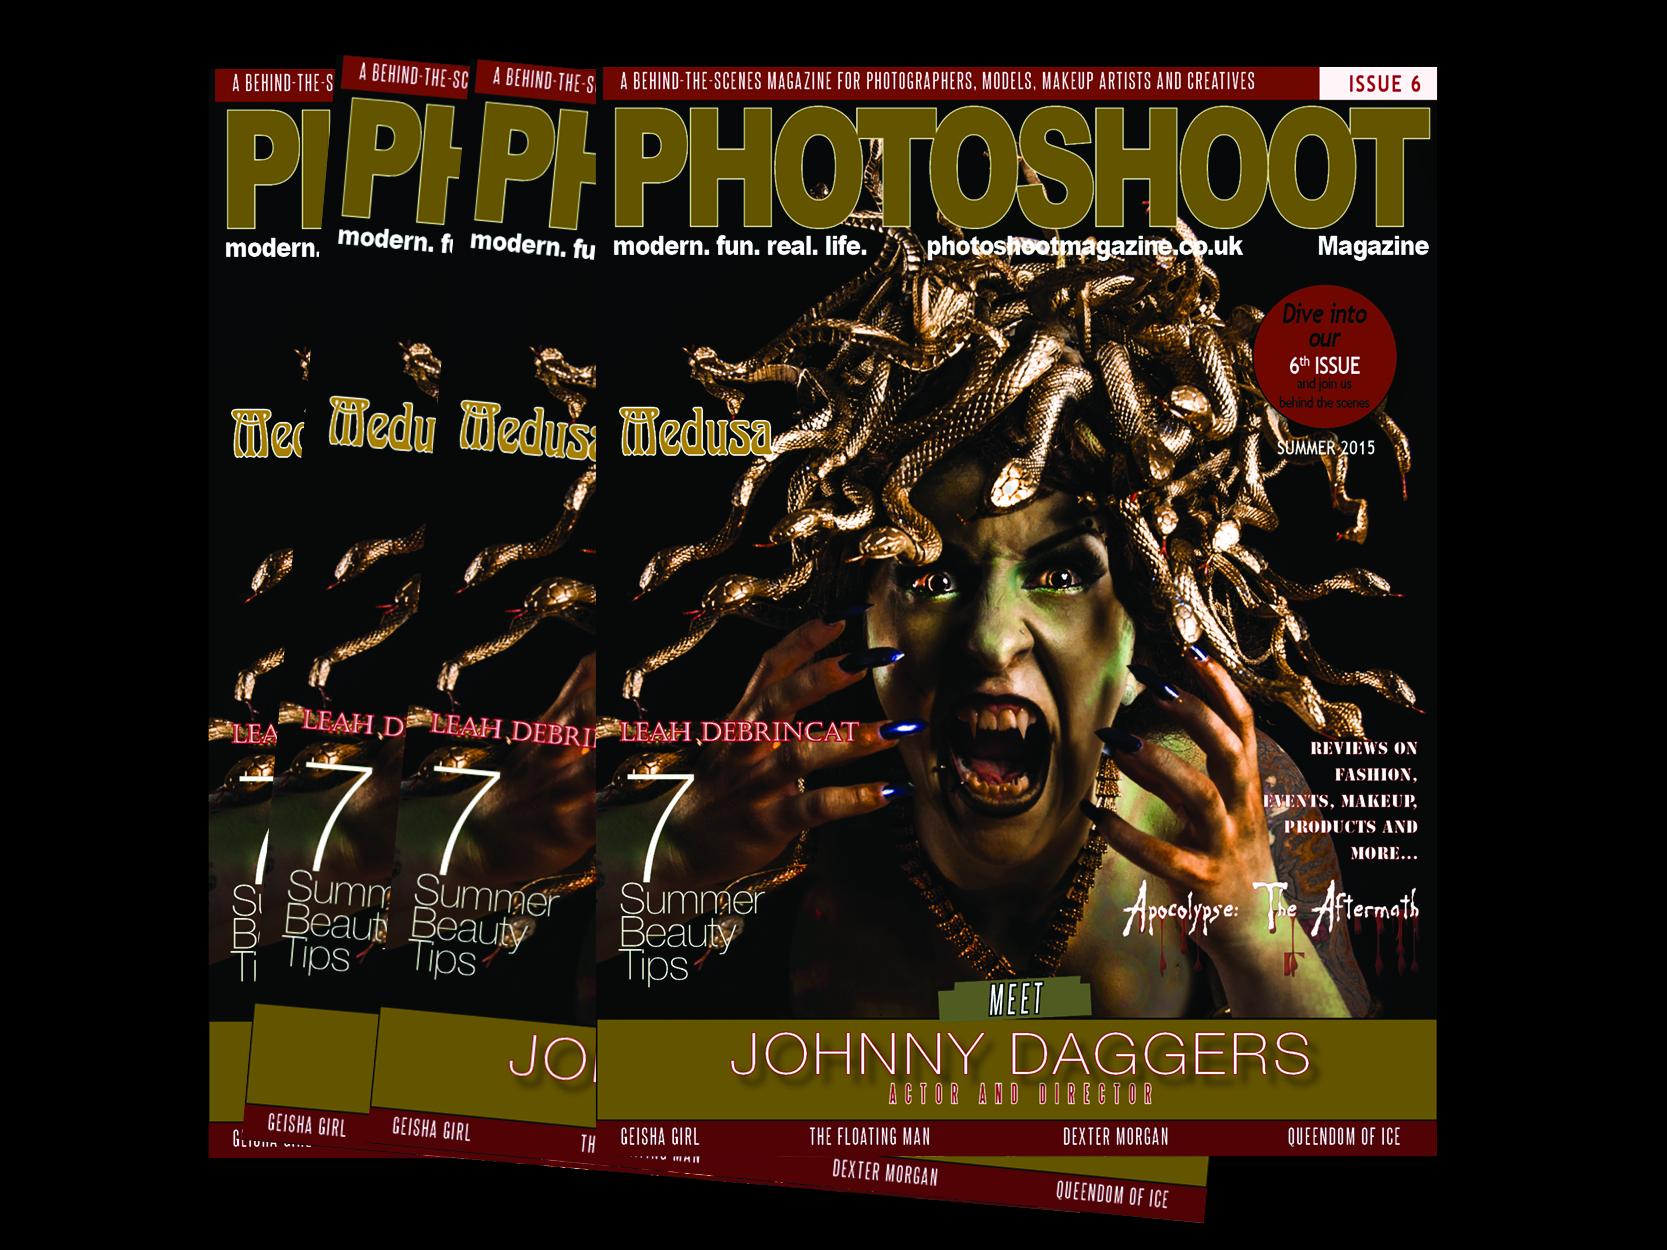 PHOTOSHOOT Magazine Issue 6